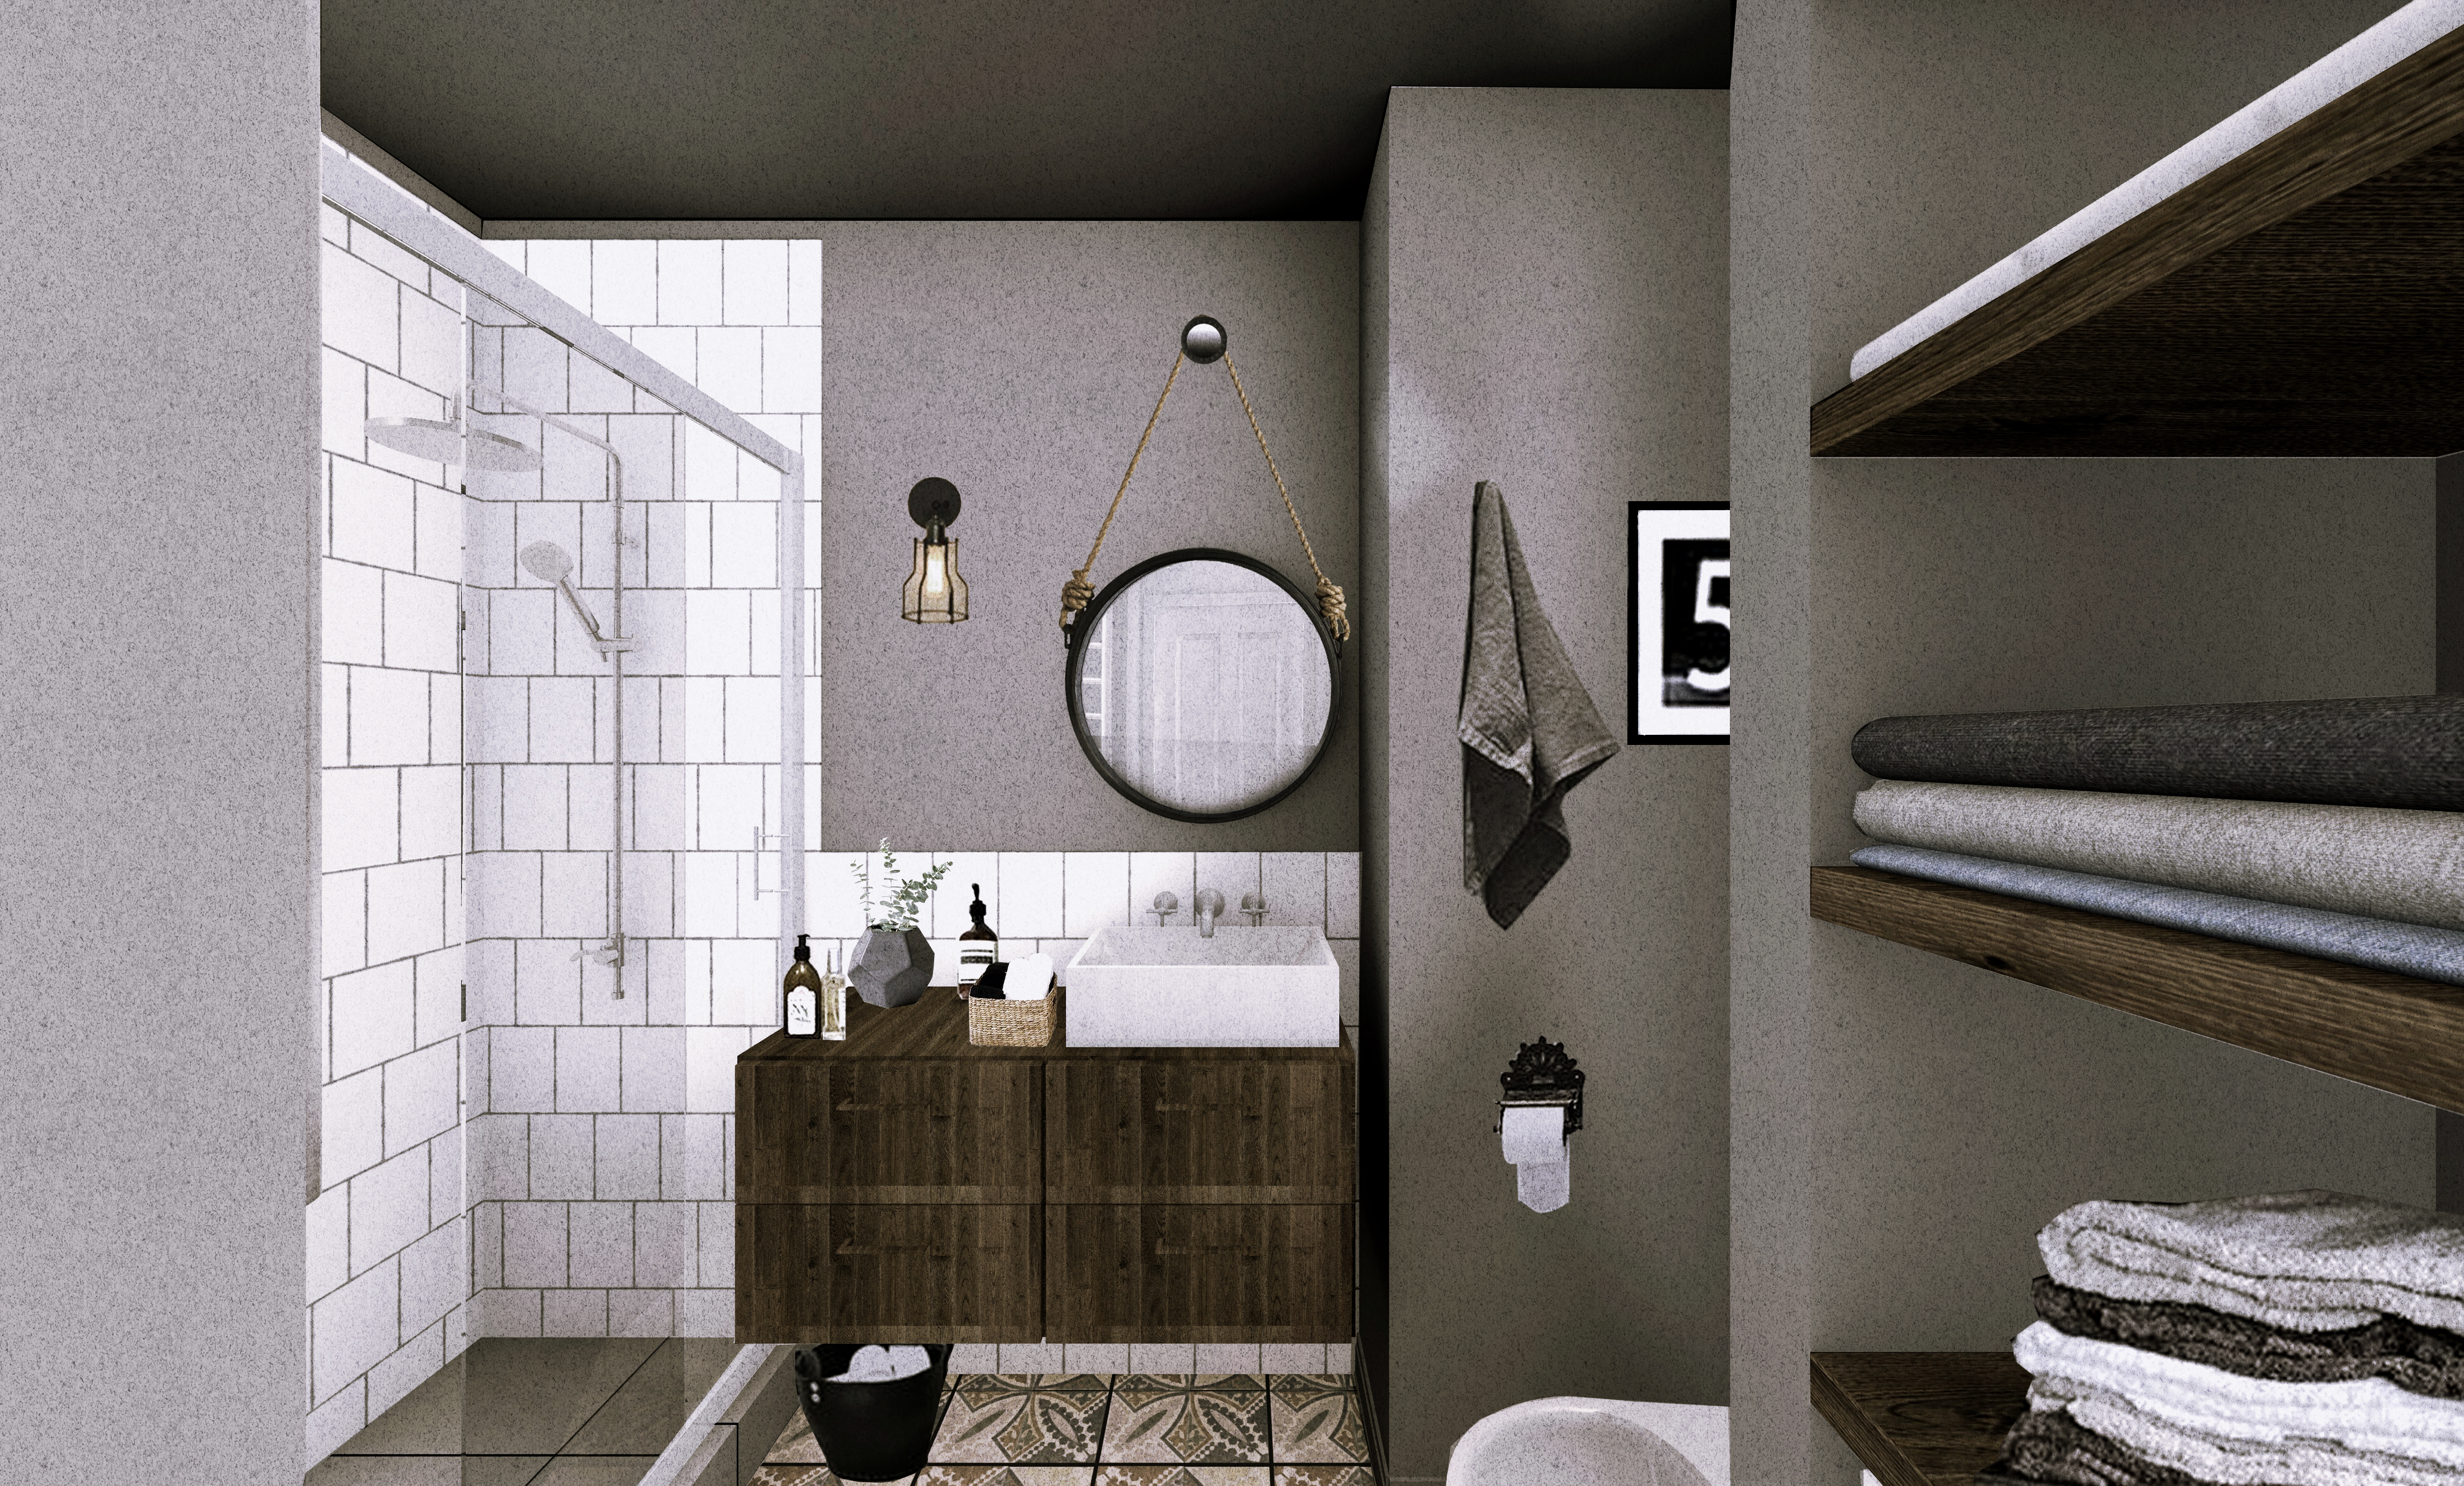 dizain_kvartiru_skandinavskii.jpg